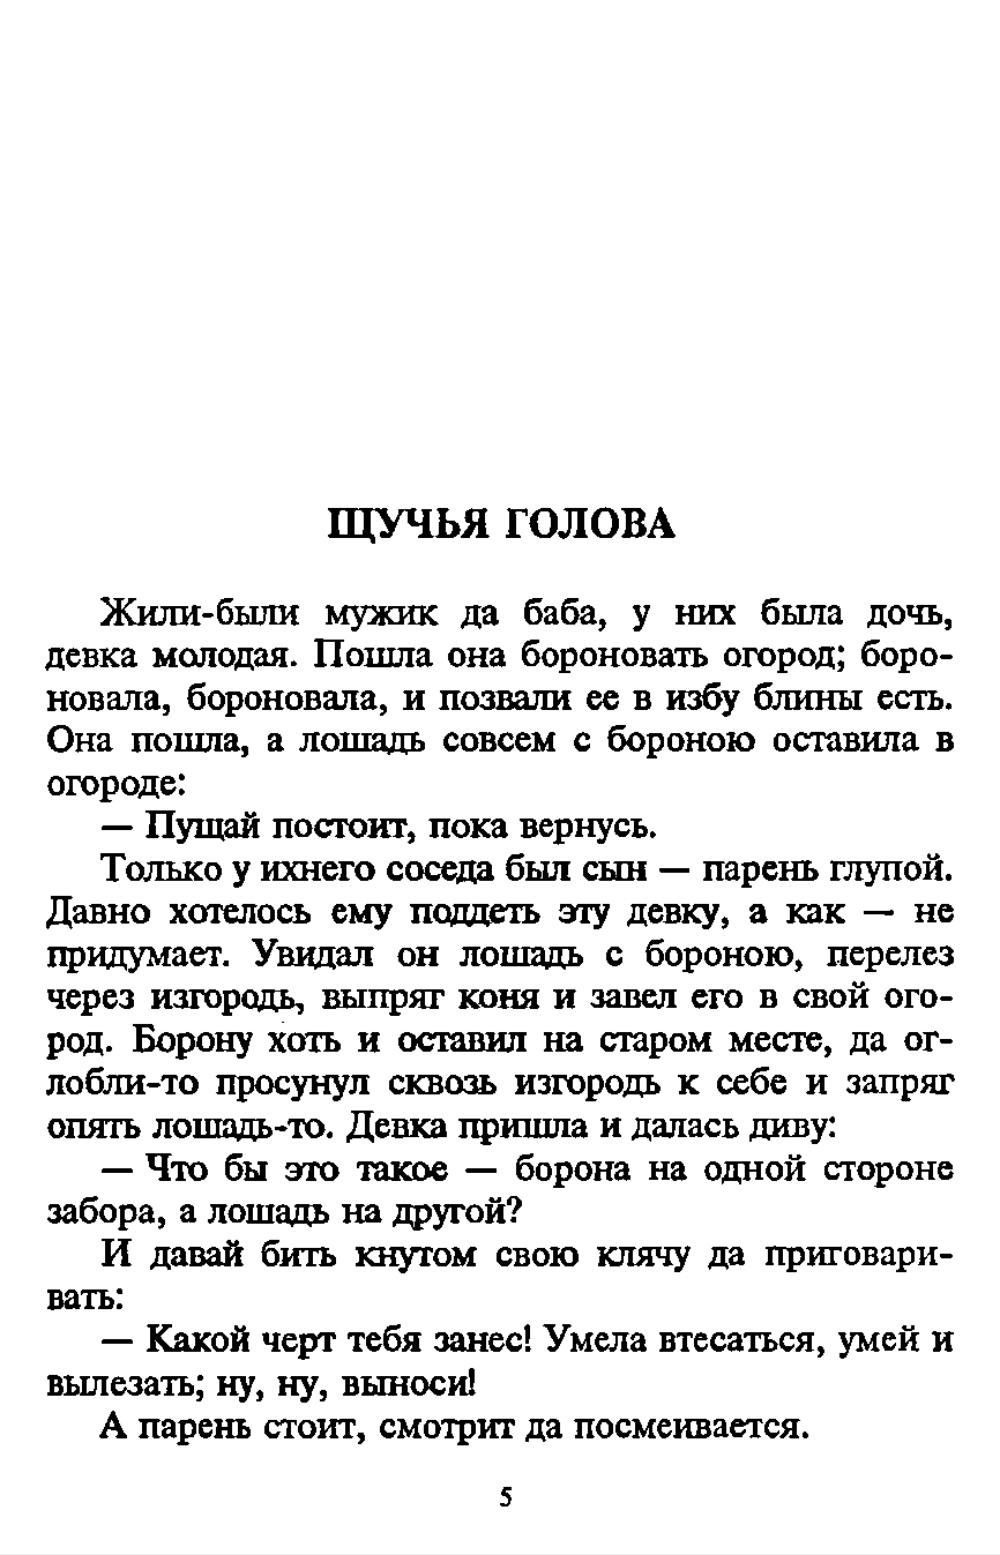 http://i5.imageban.ru/out/2013/11/14/13ae45ac8cb3ccf0d1b15f9a0f17ddca.jpg